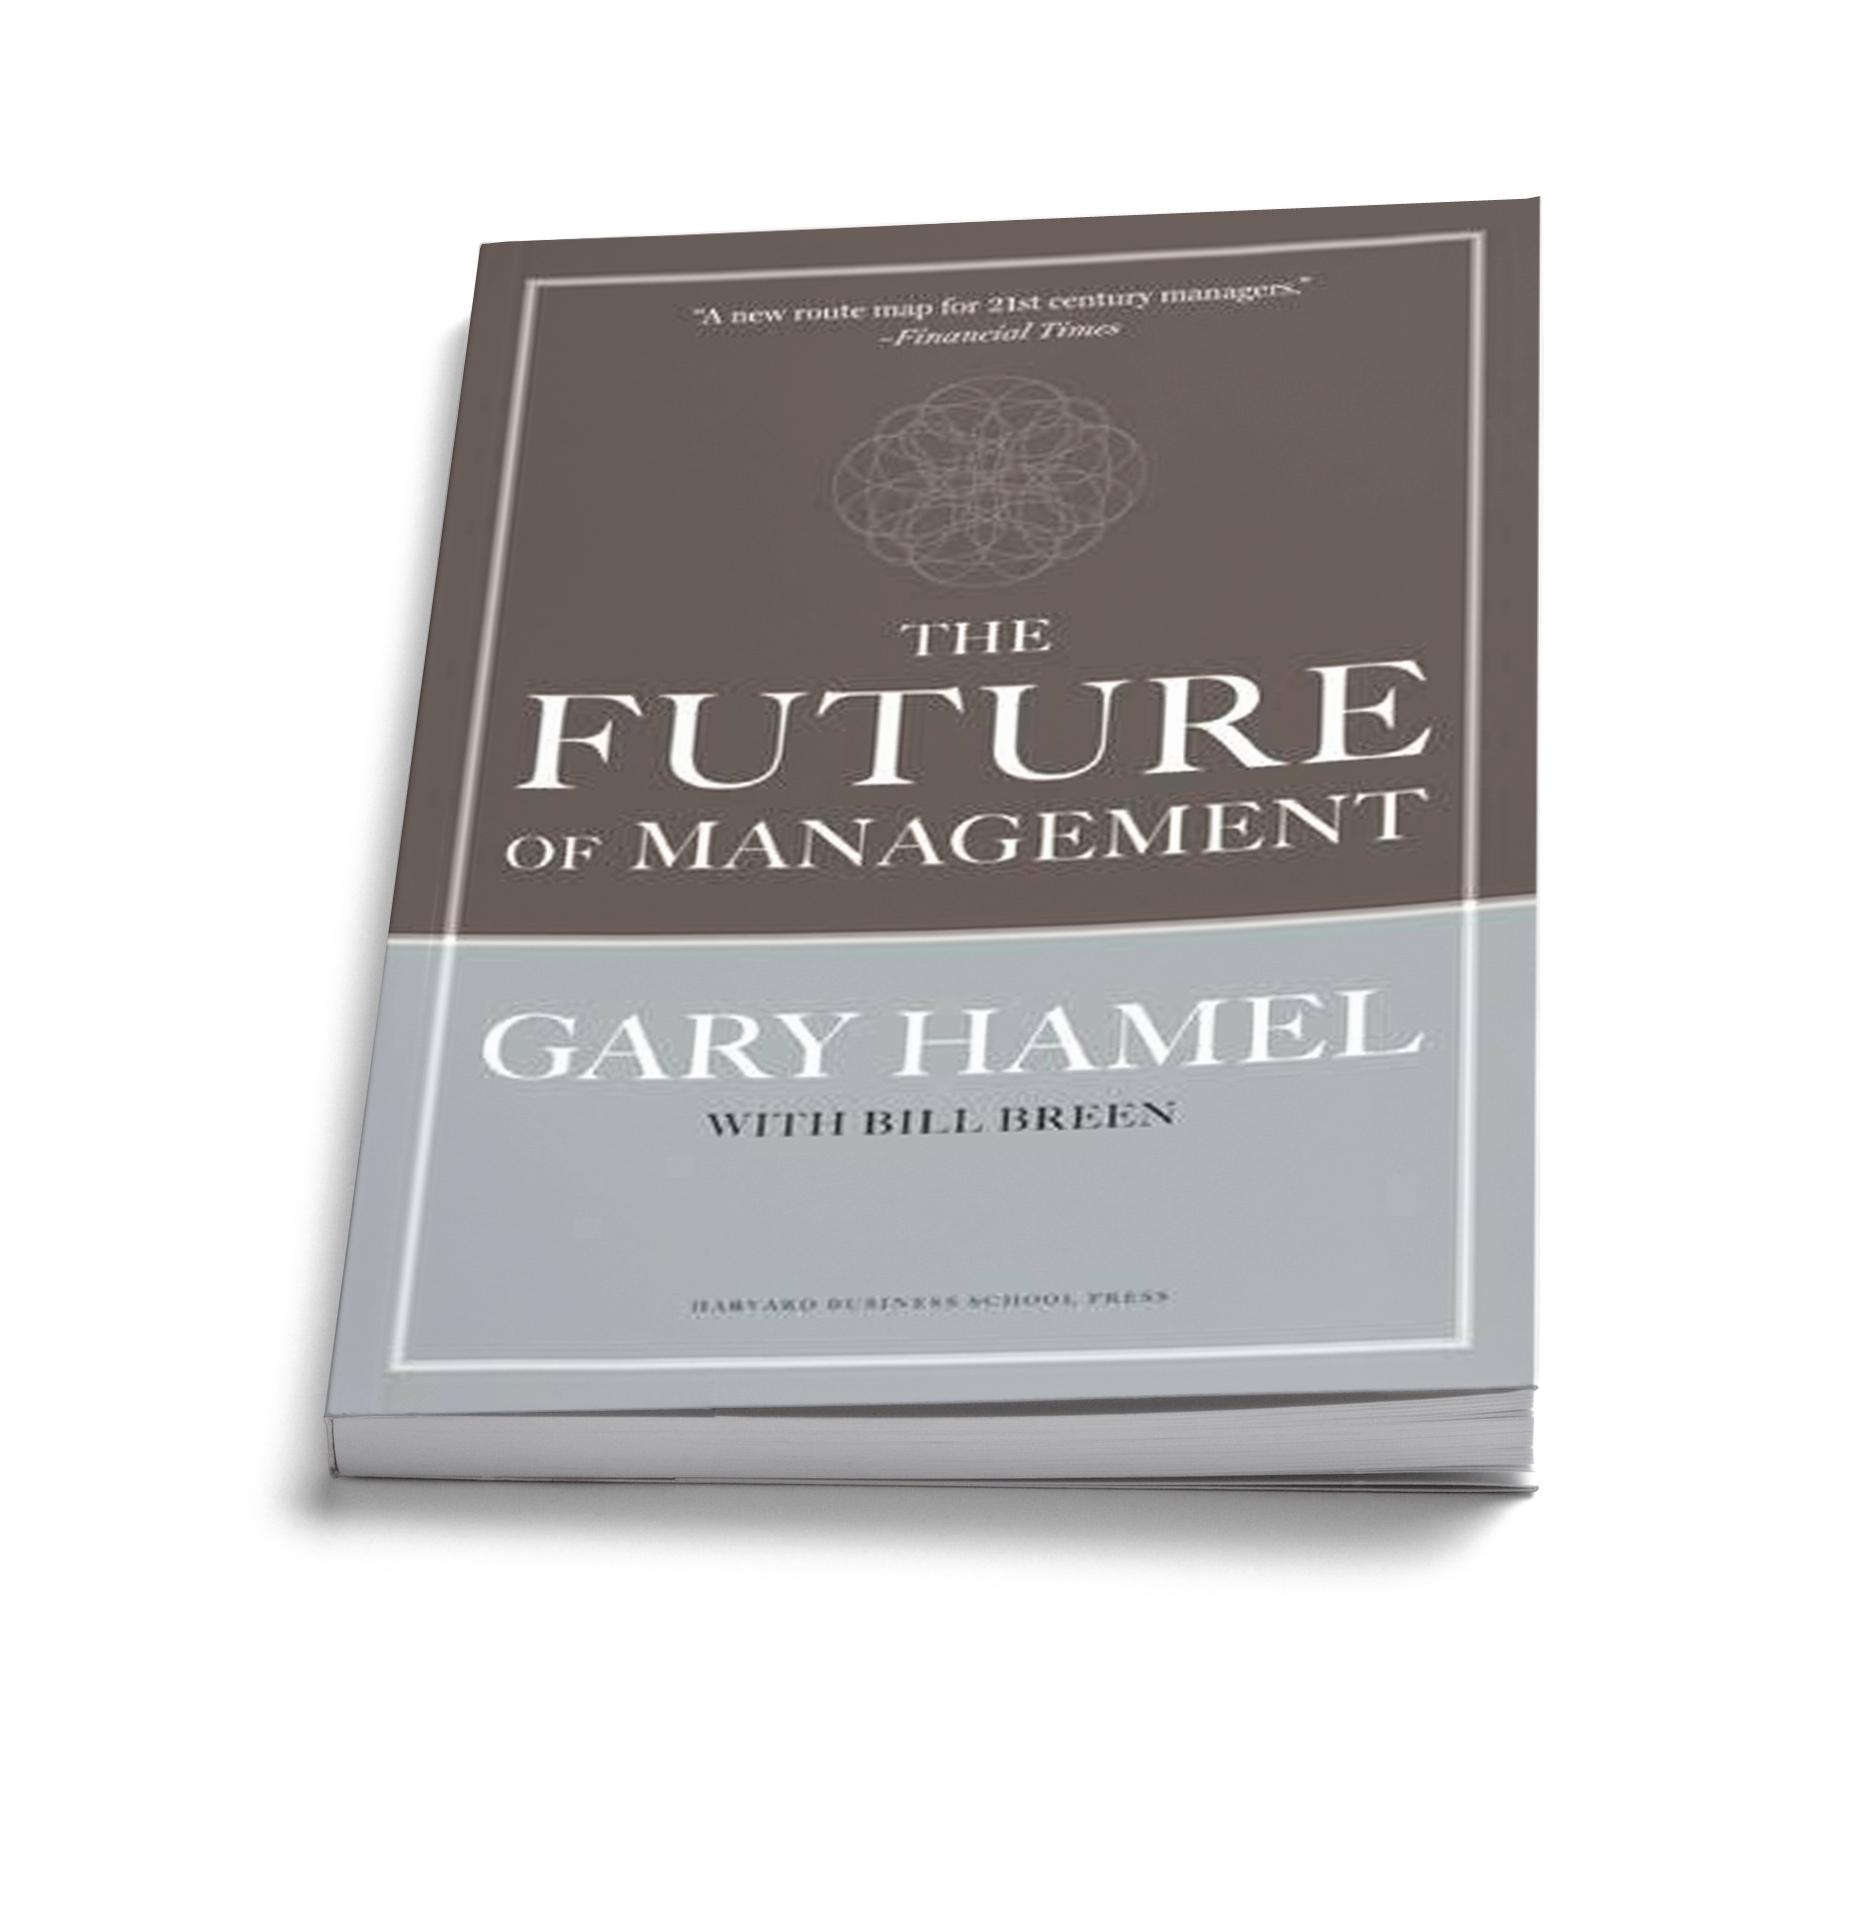 gary hamel books